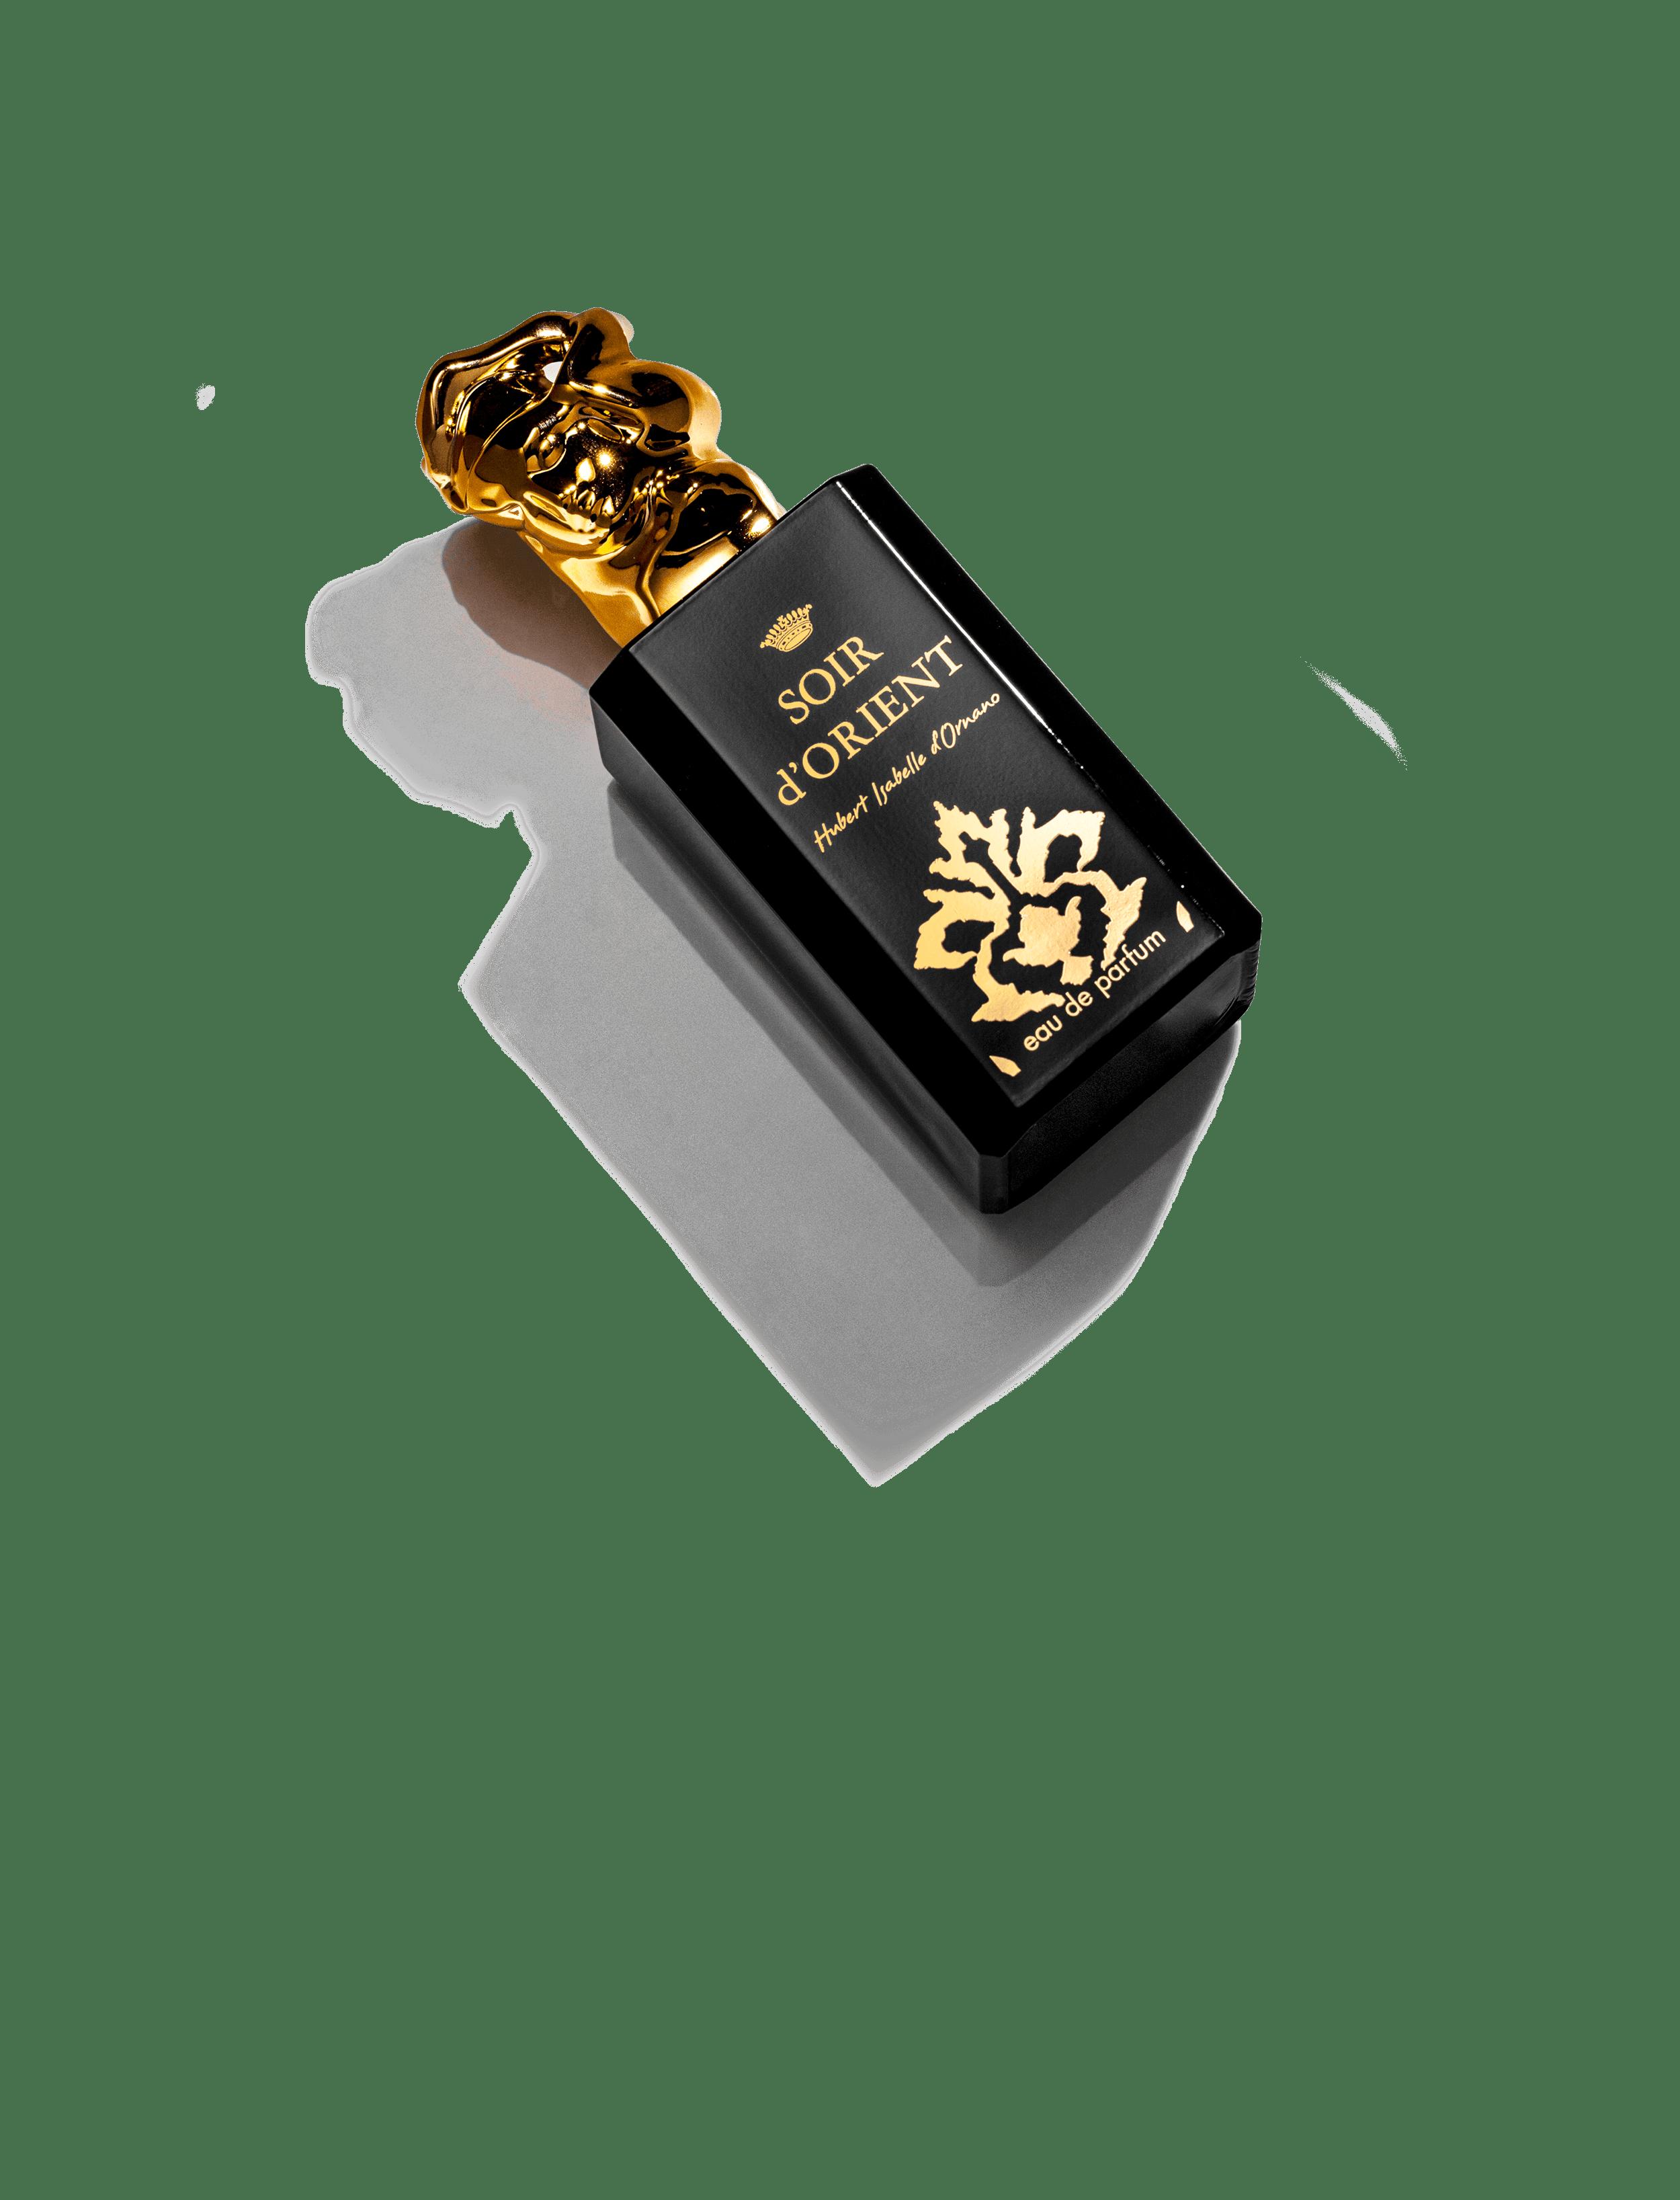 Tajemnicze i wyjątkowo kobiece perfumy